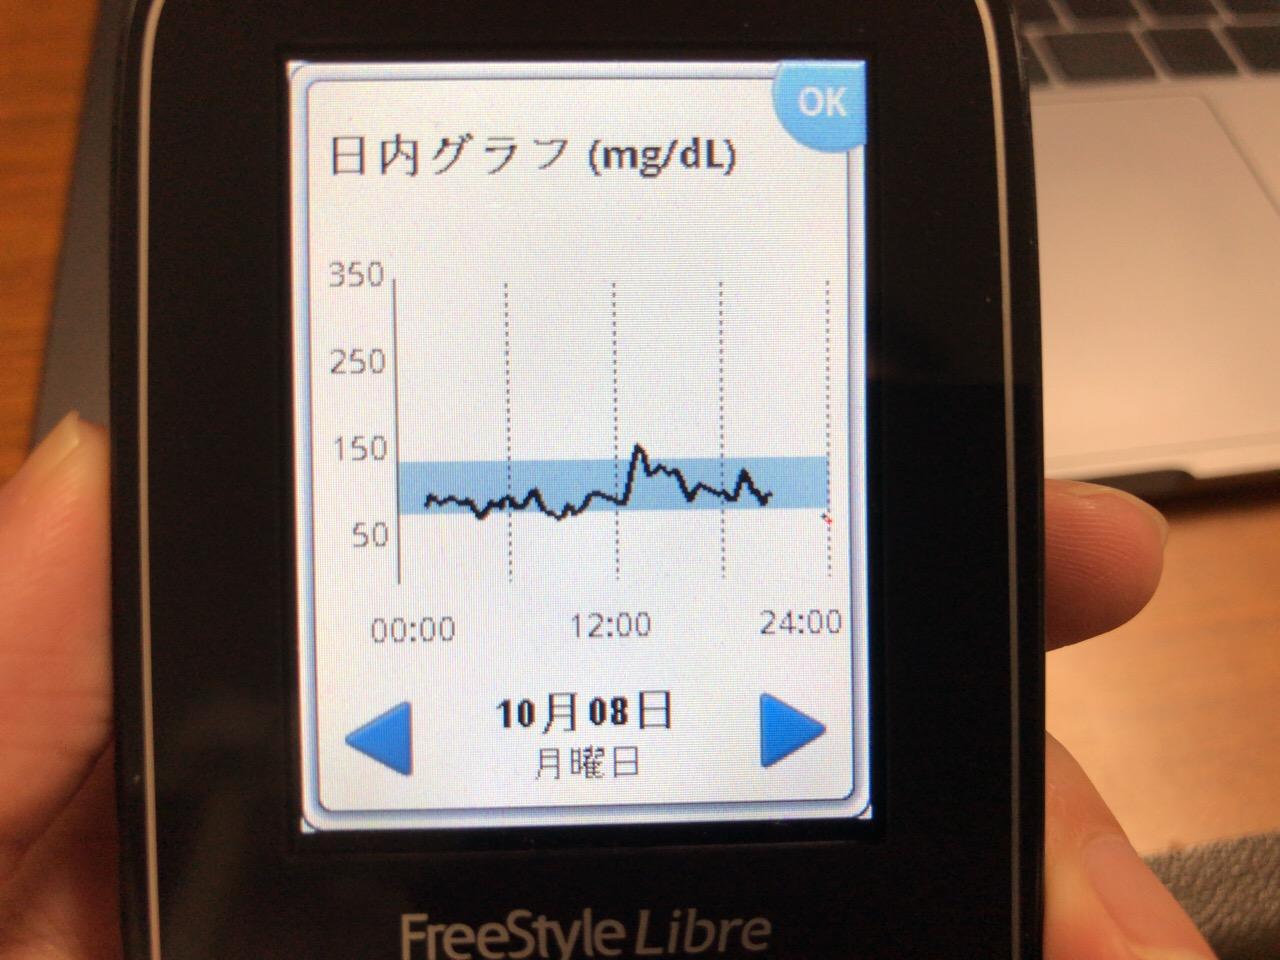 栄養飲料クリミールで血糖値を50以上あげて働いた連休明けの1日|糖尿病内科医のフリースタイルリブレ自己血糖記録